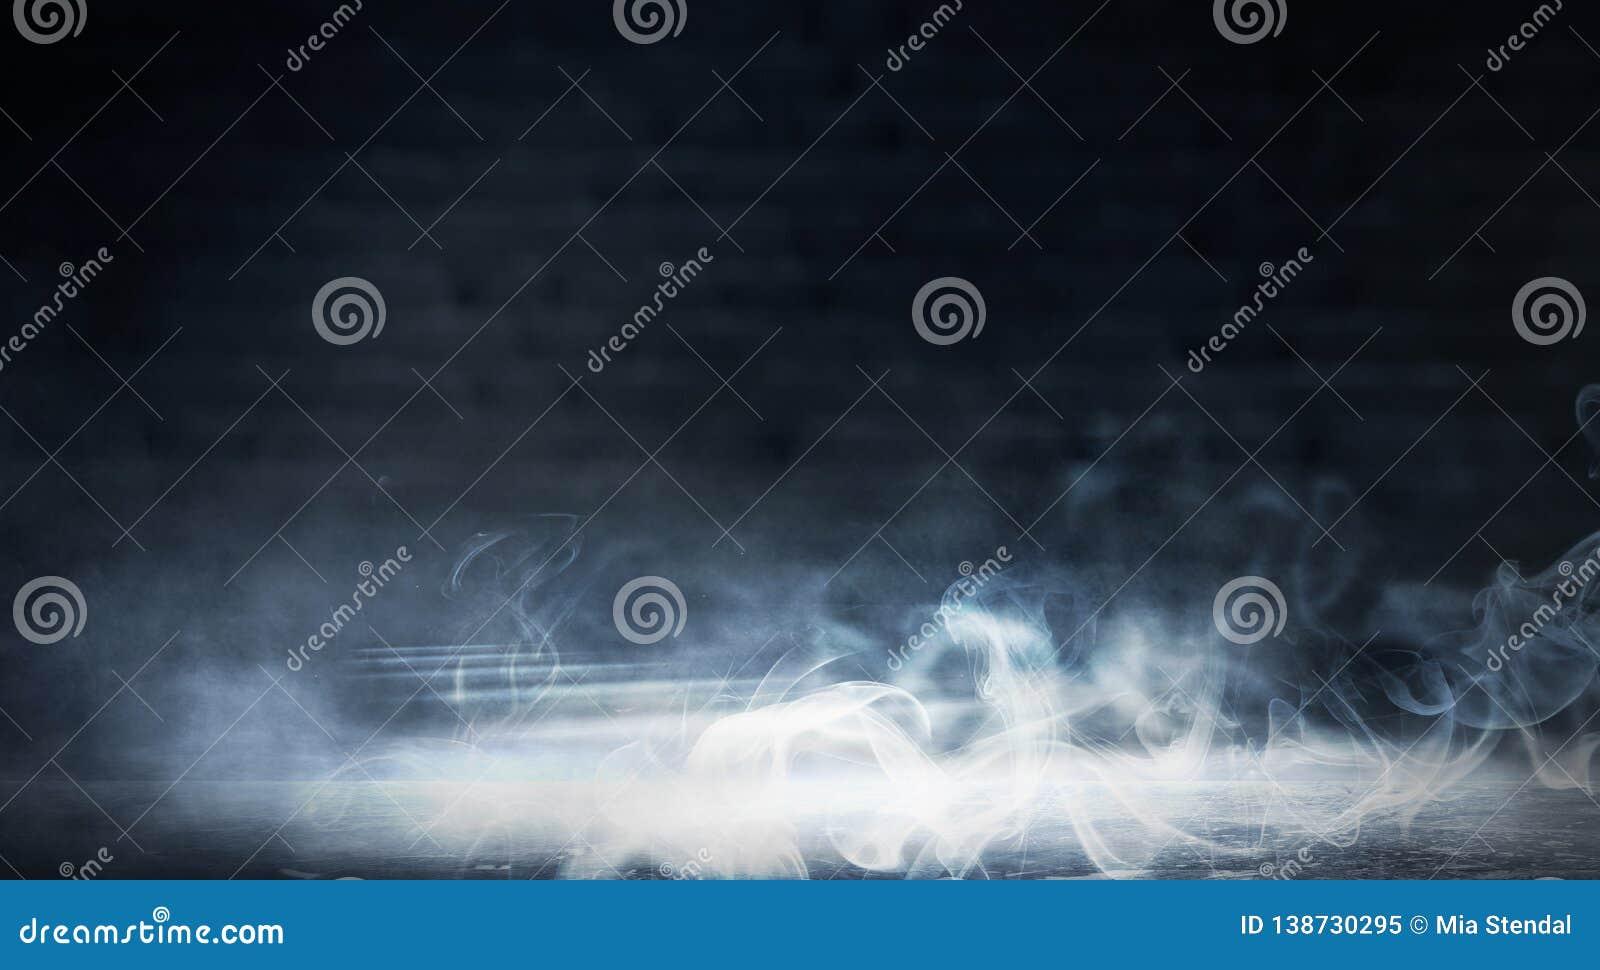 Achtergrond van een lege donker-zwarte ruimte Lege bakstenen muren, lichten, rook, gloed, stralen